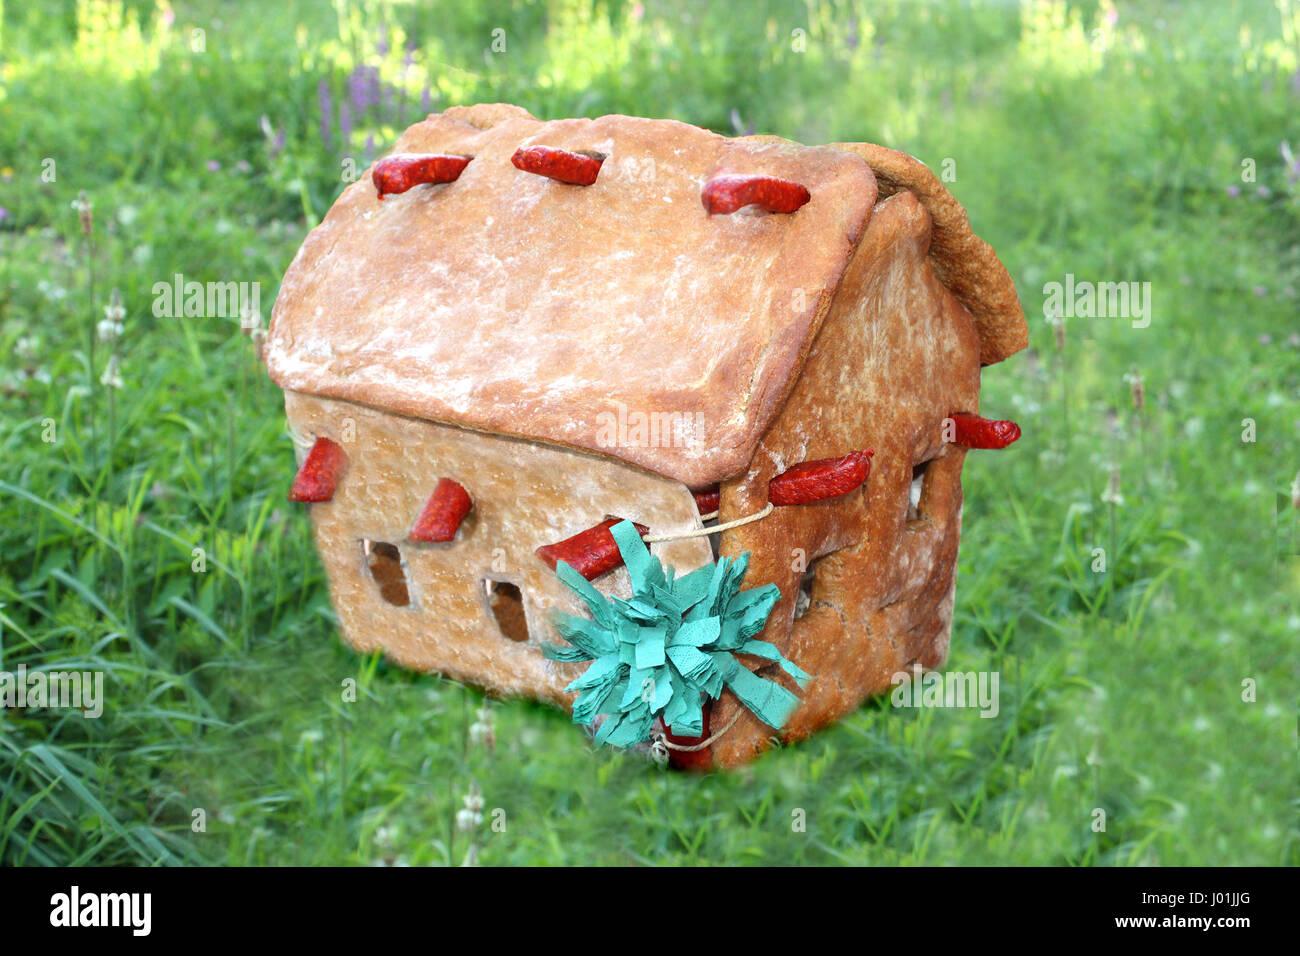 Ein Haus aus Brot Gebacken Auf Einer Wiese Stockbild